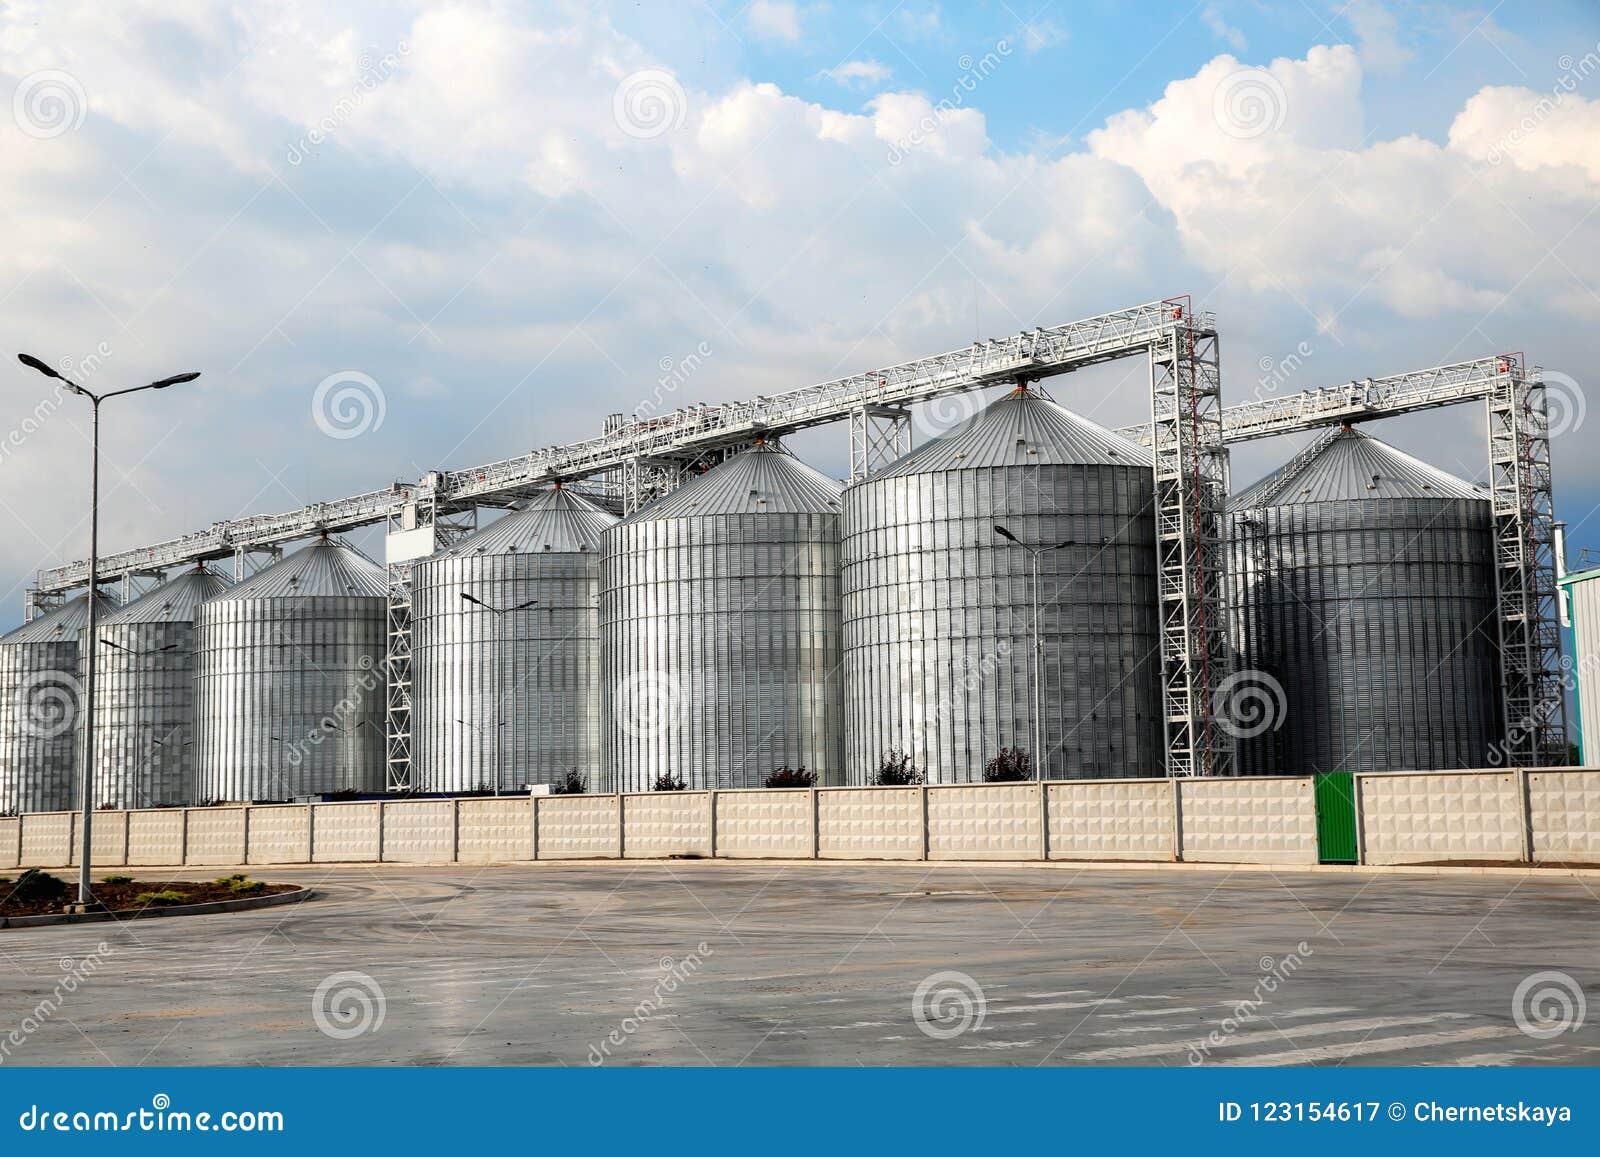 Fila dei granai moderni per la conservazione dei grani